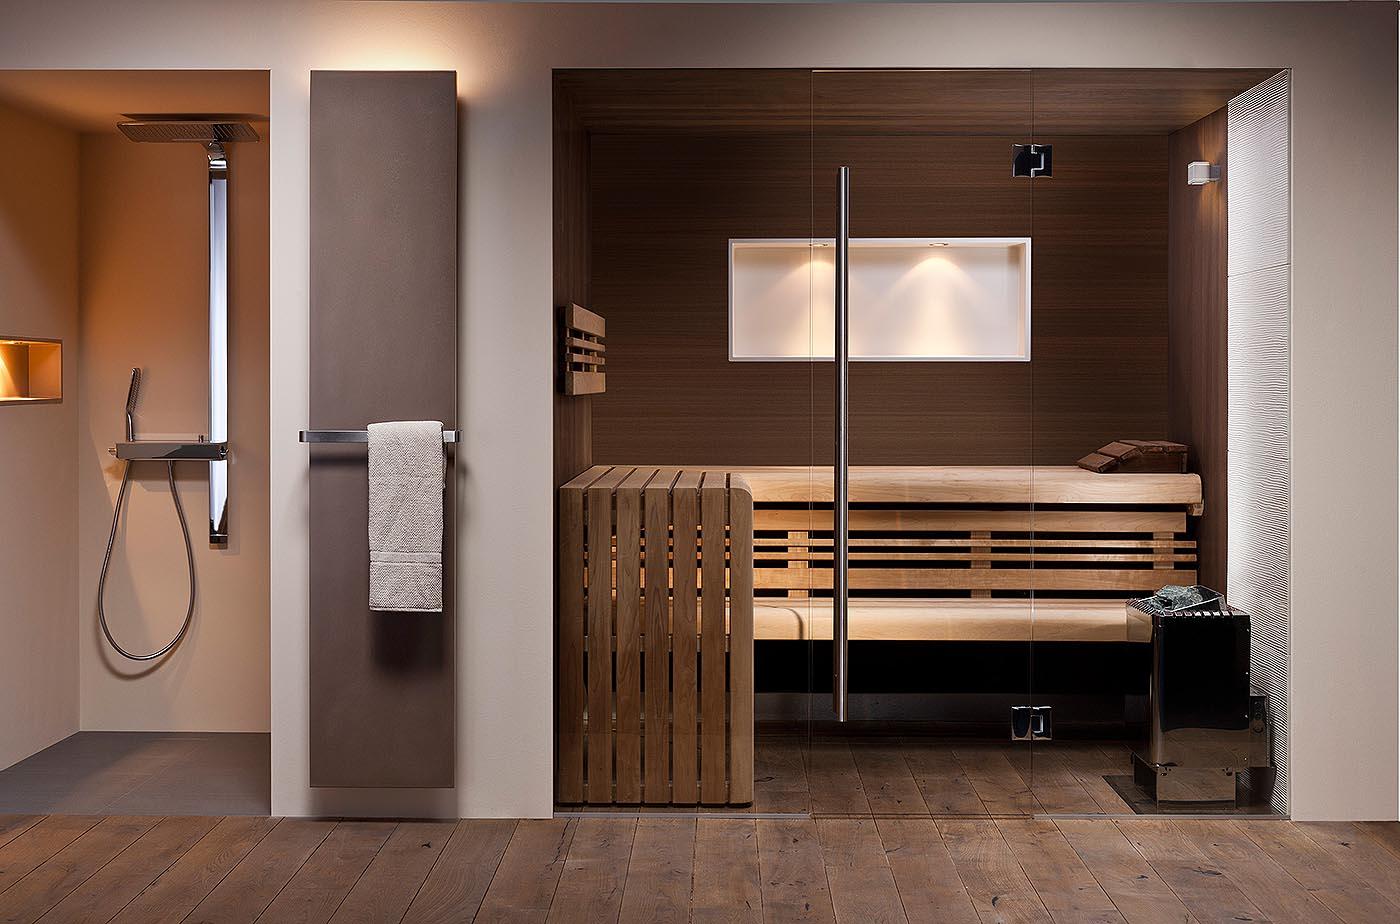 Mit einer eingebauten Sauna holst du dir den Wellness-Urlaub nach Hause. Quelle: corso sauna manufaktur